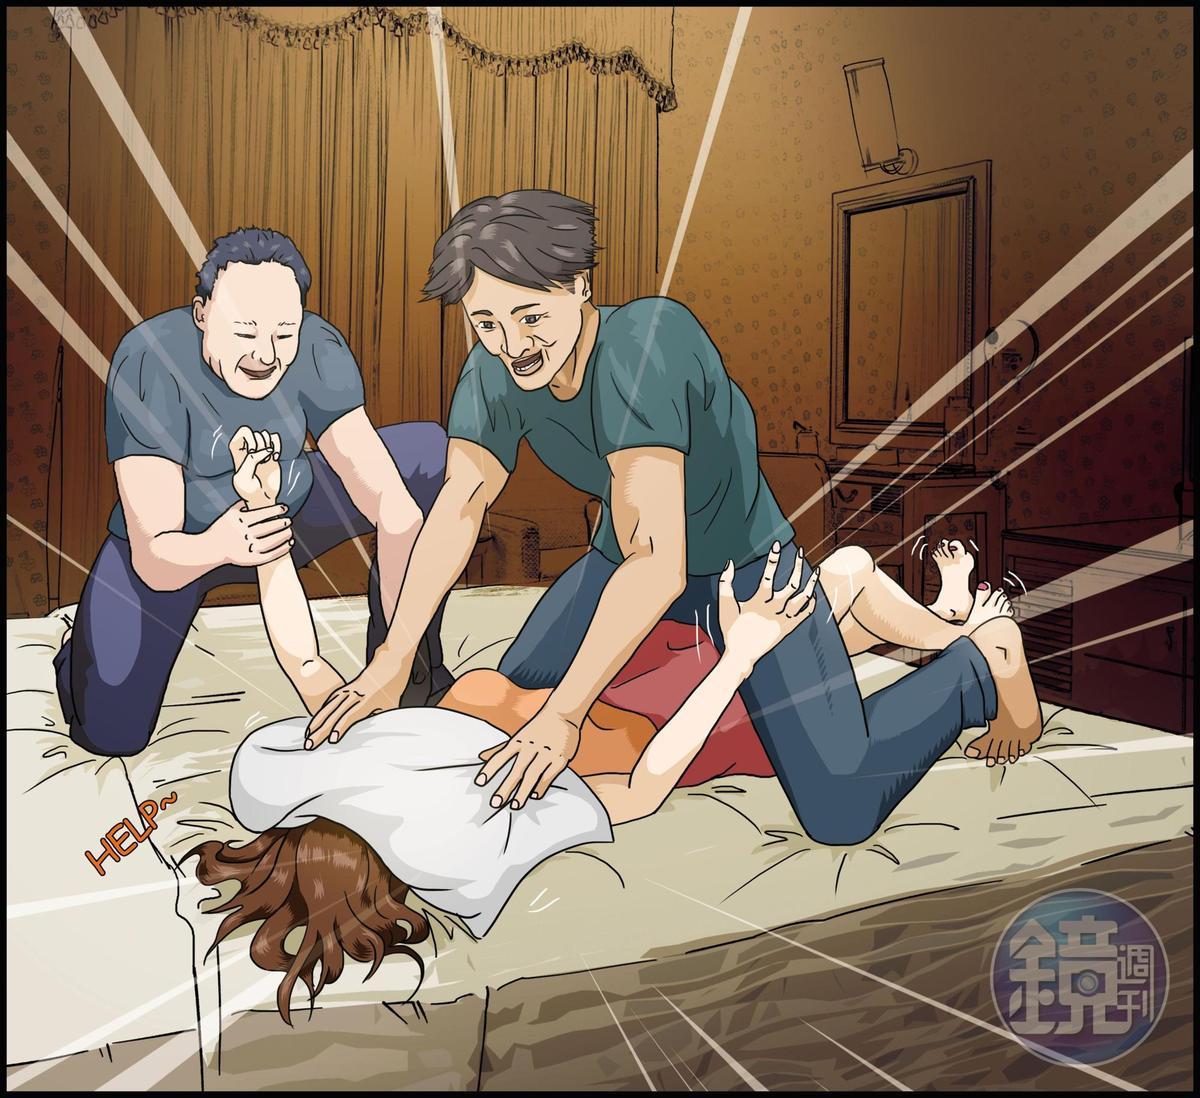 顏嫌與盧嫌將檳榔西施帶往汽車旅館,並用枕頭悶住被害人,以窒息式性愛強暴得逞。